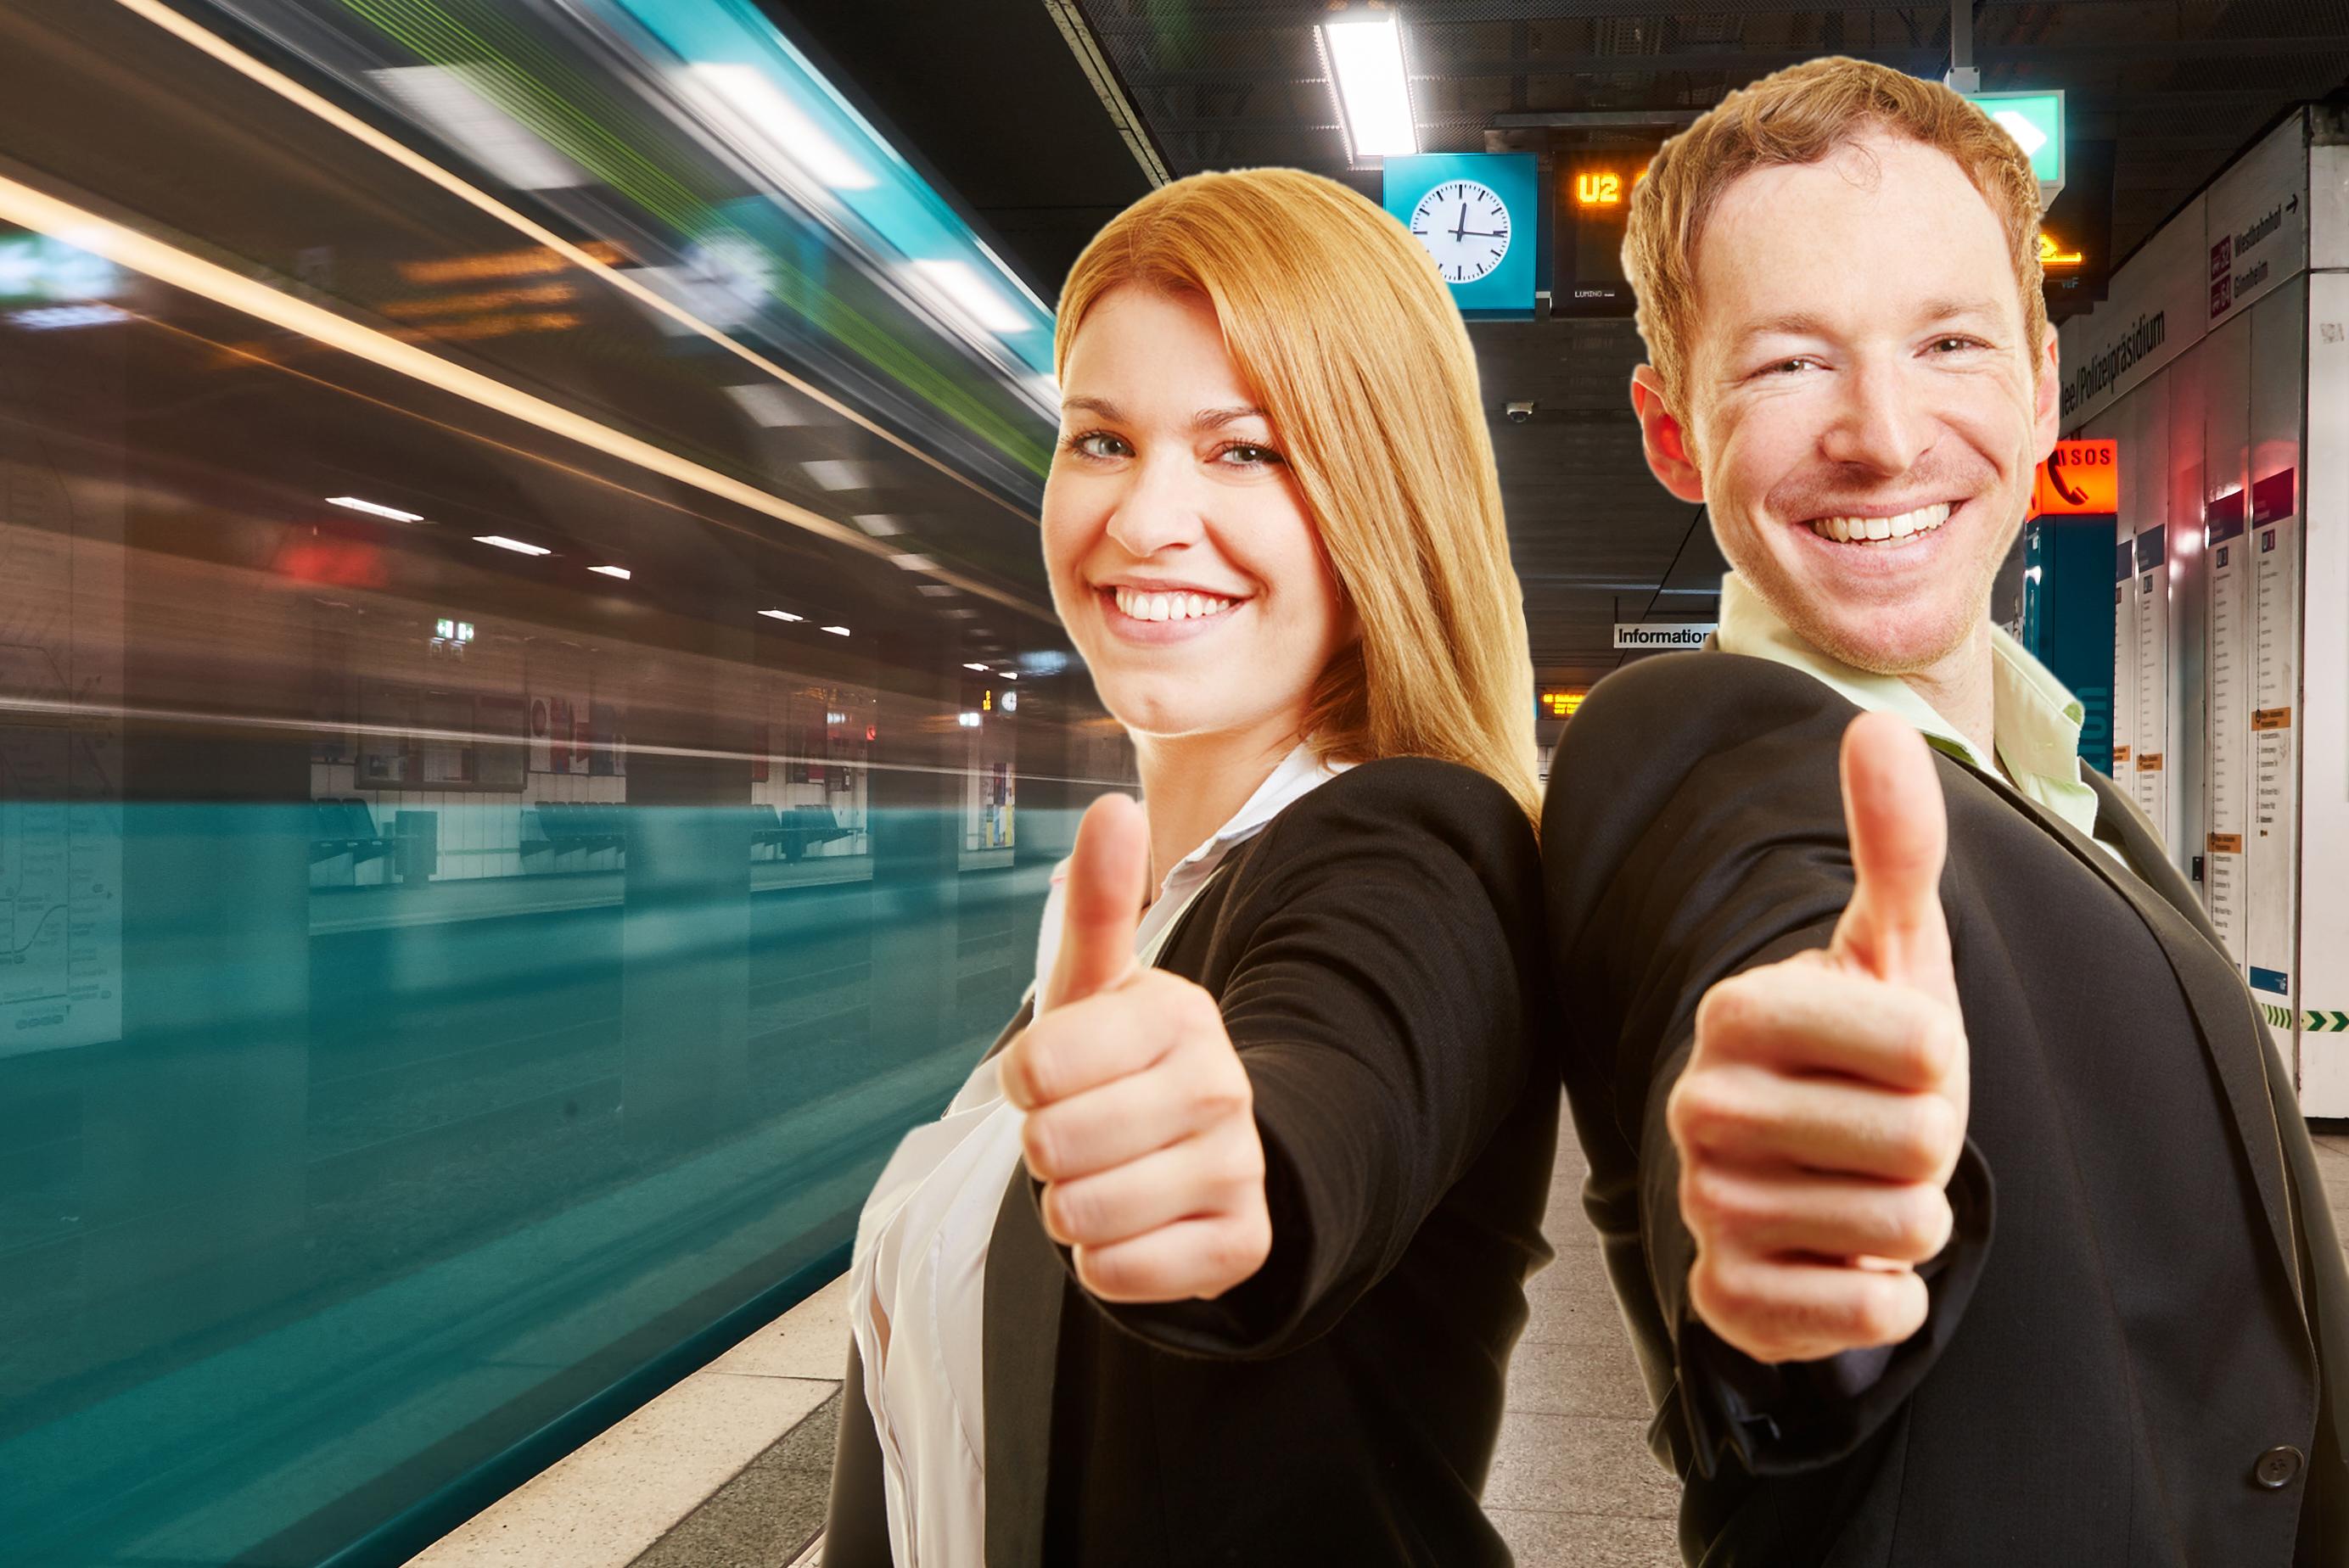 Eine Frau und ein Mann stehen Rücken an Rücken und strecken beide einen Daumen hoch in Richtung Kamera.